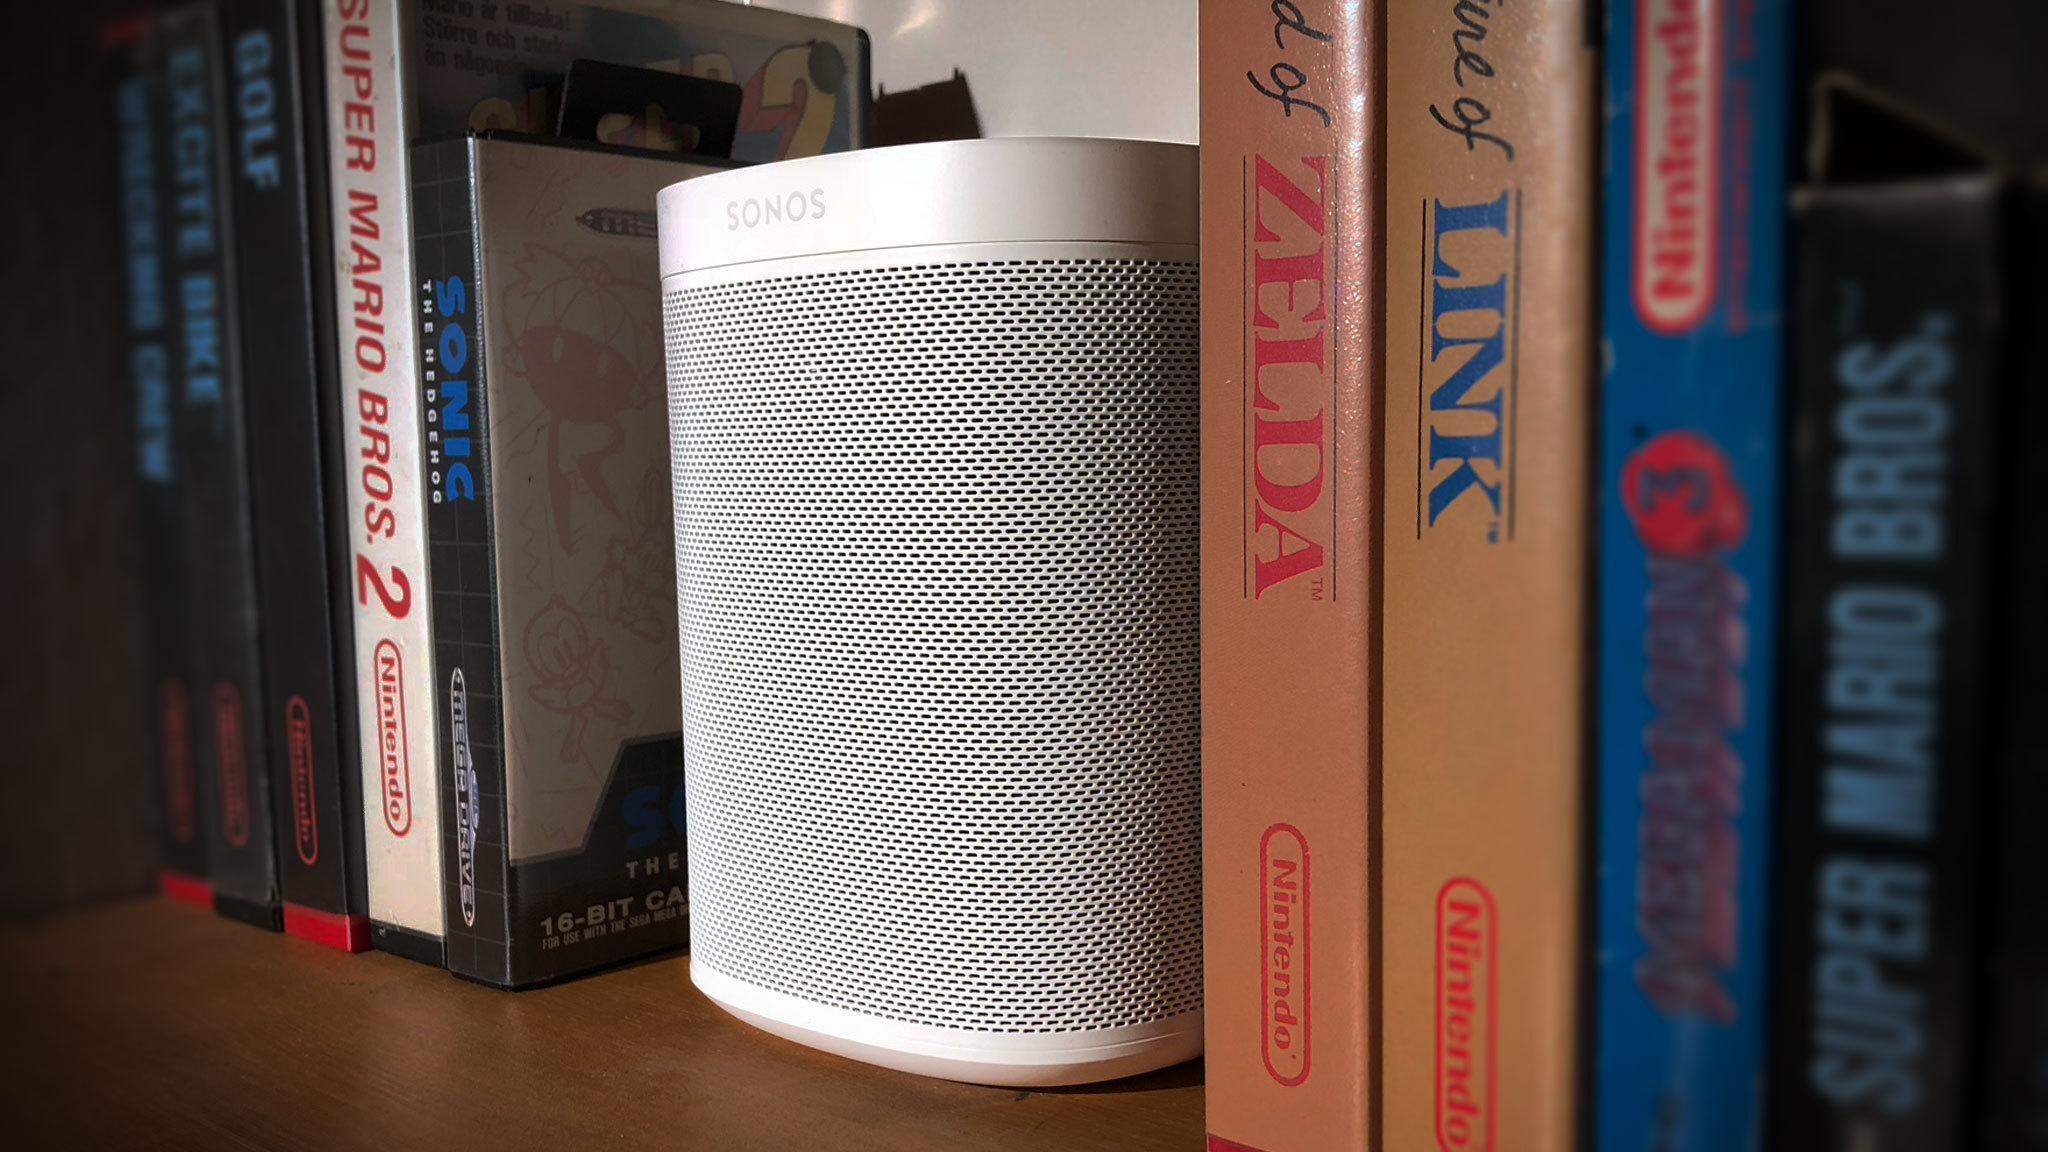 Google mener Sonos bruker en rekke av deres teknologier i sine produkter, og har saksøkt dem